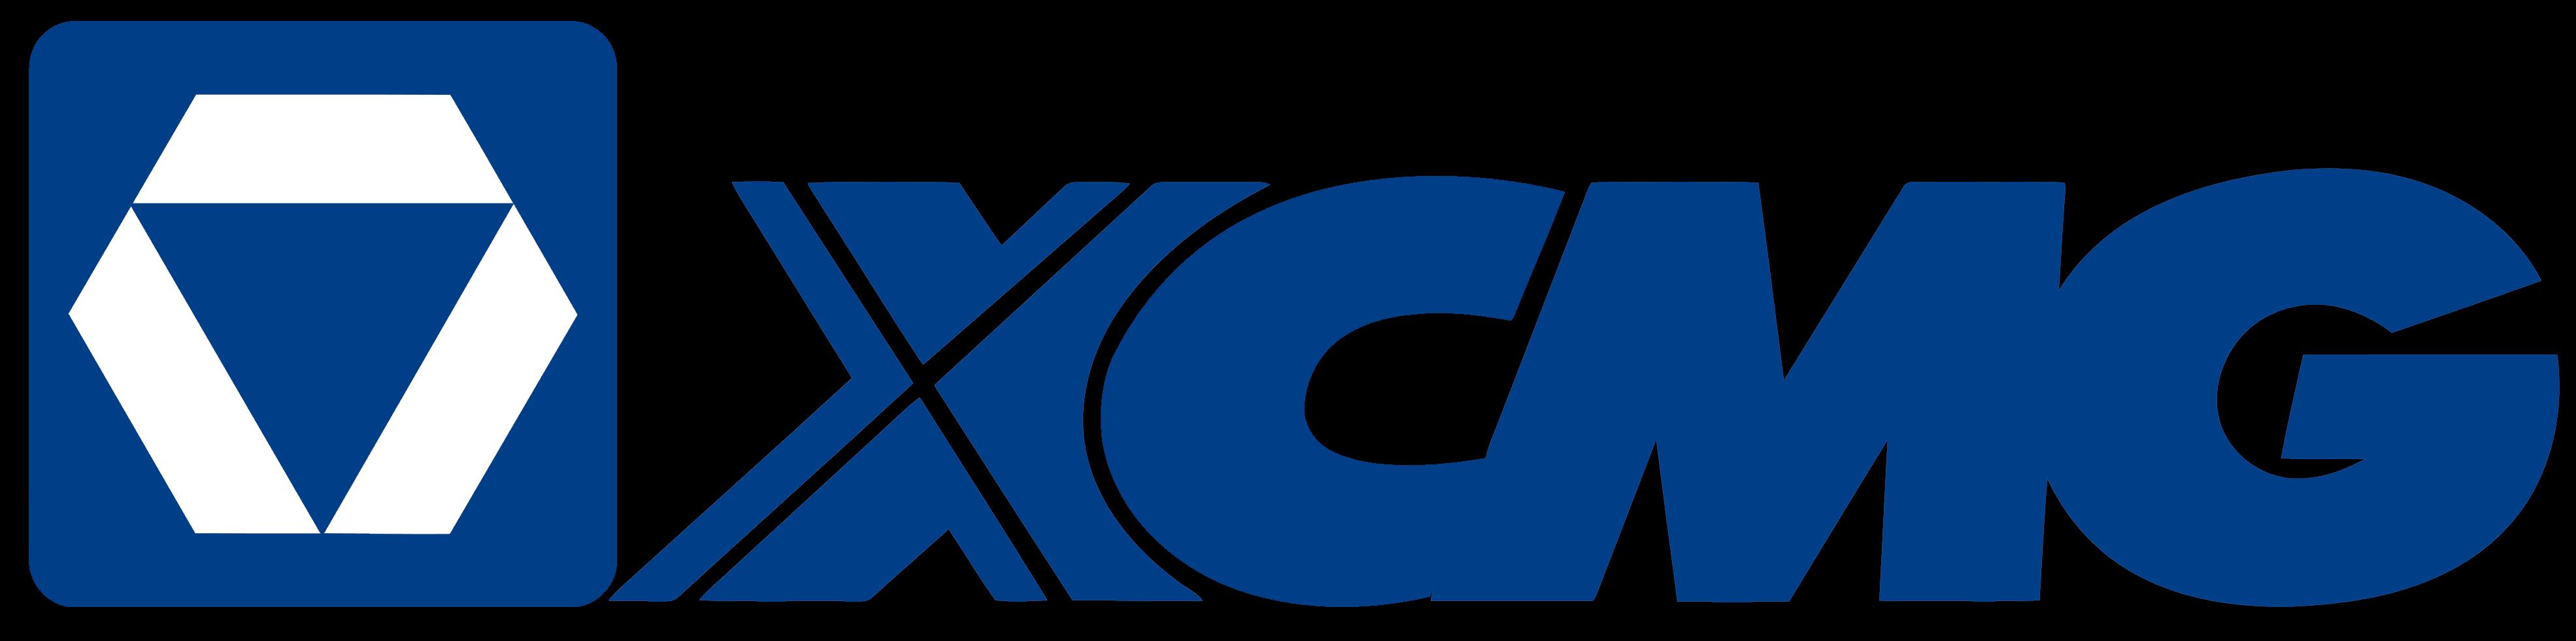 XCMG_logo